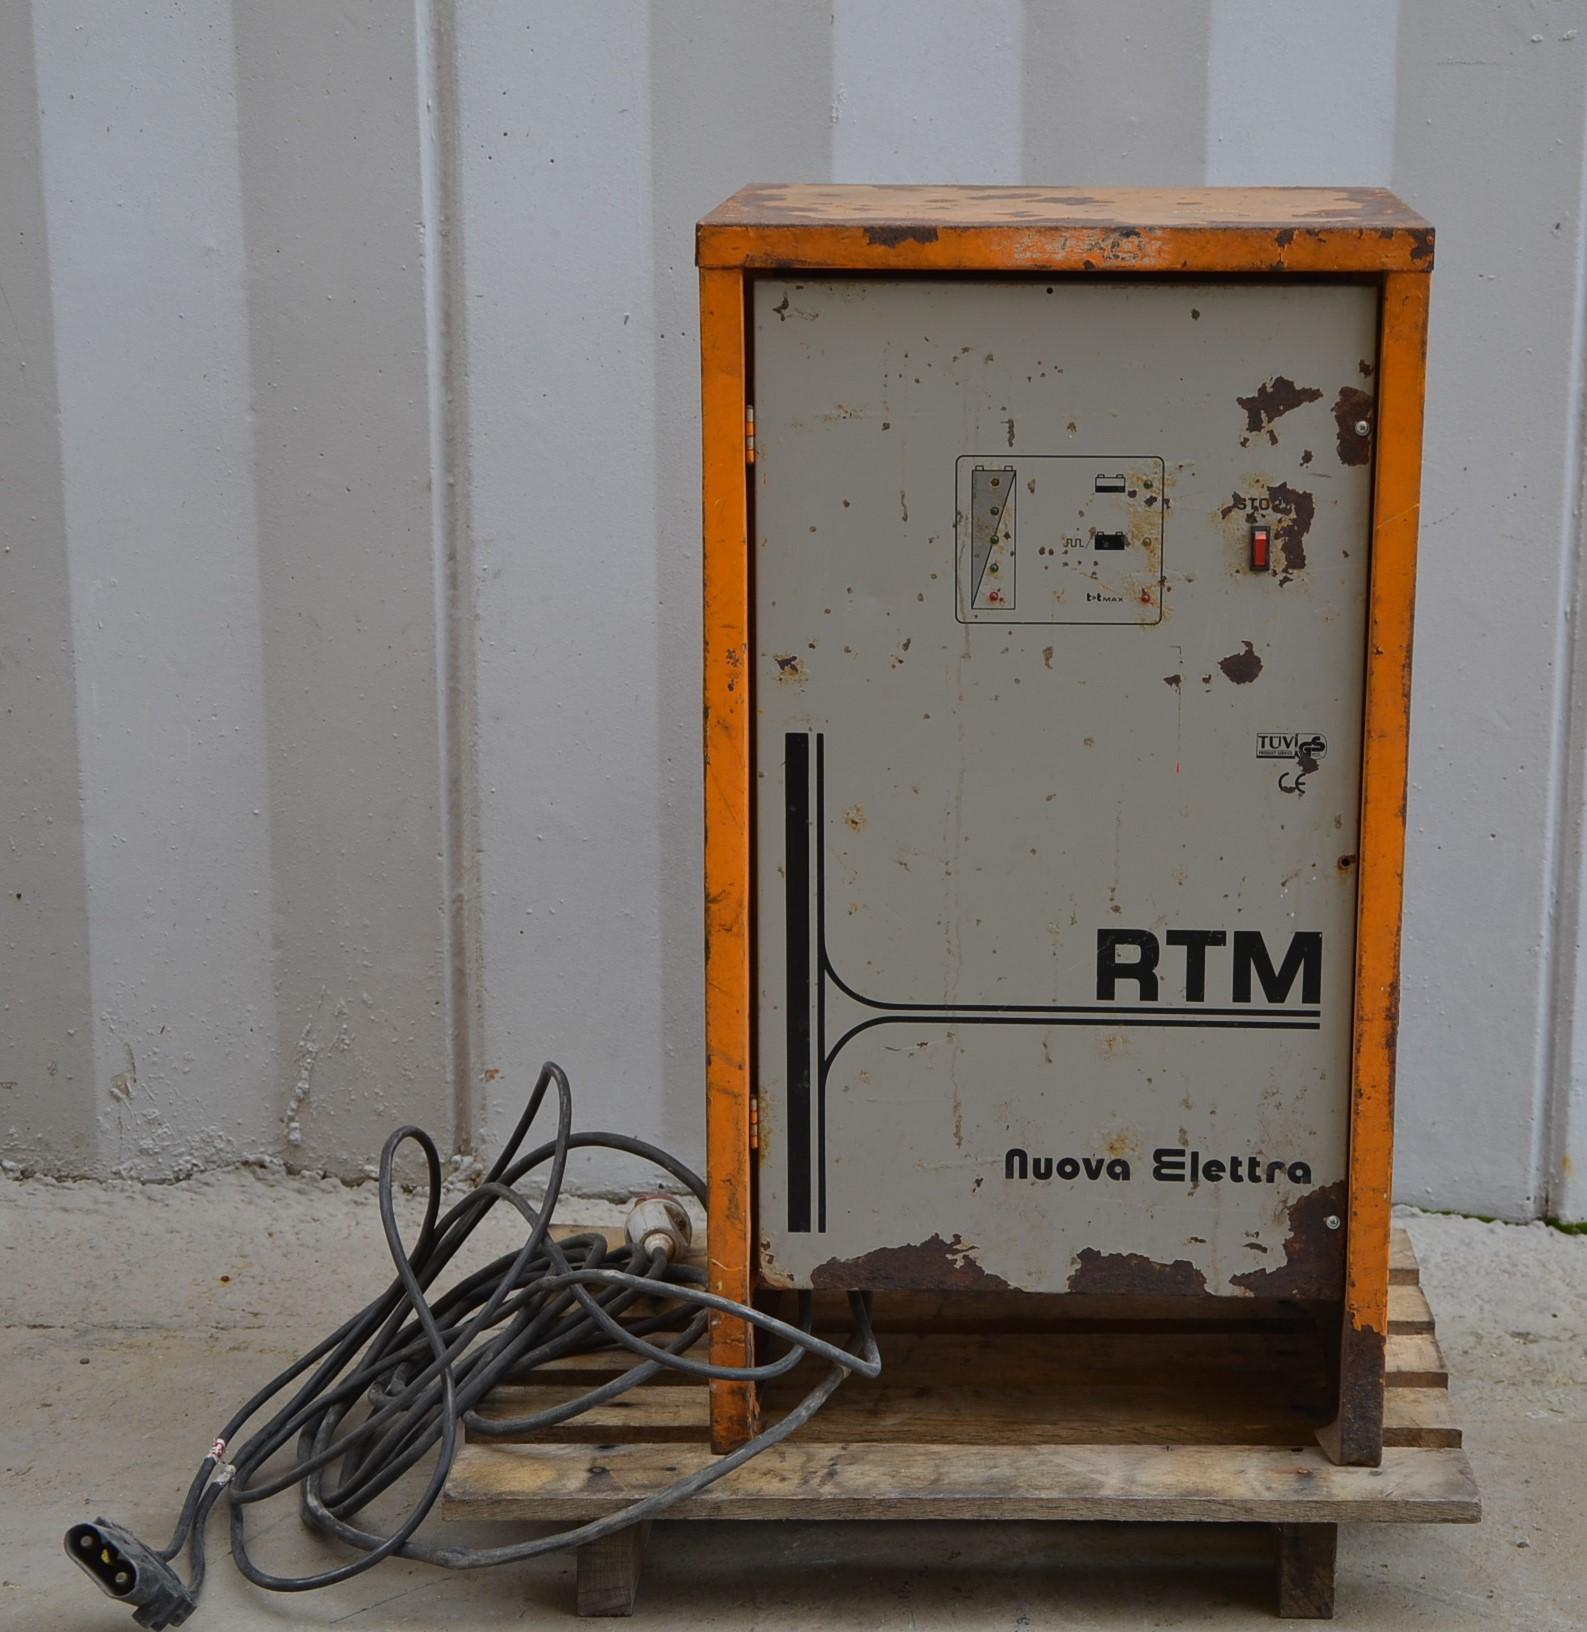 Caricabatterie 72V - Nuova Elettra mod. RTM TRIF. in vendita - foto 1